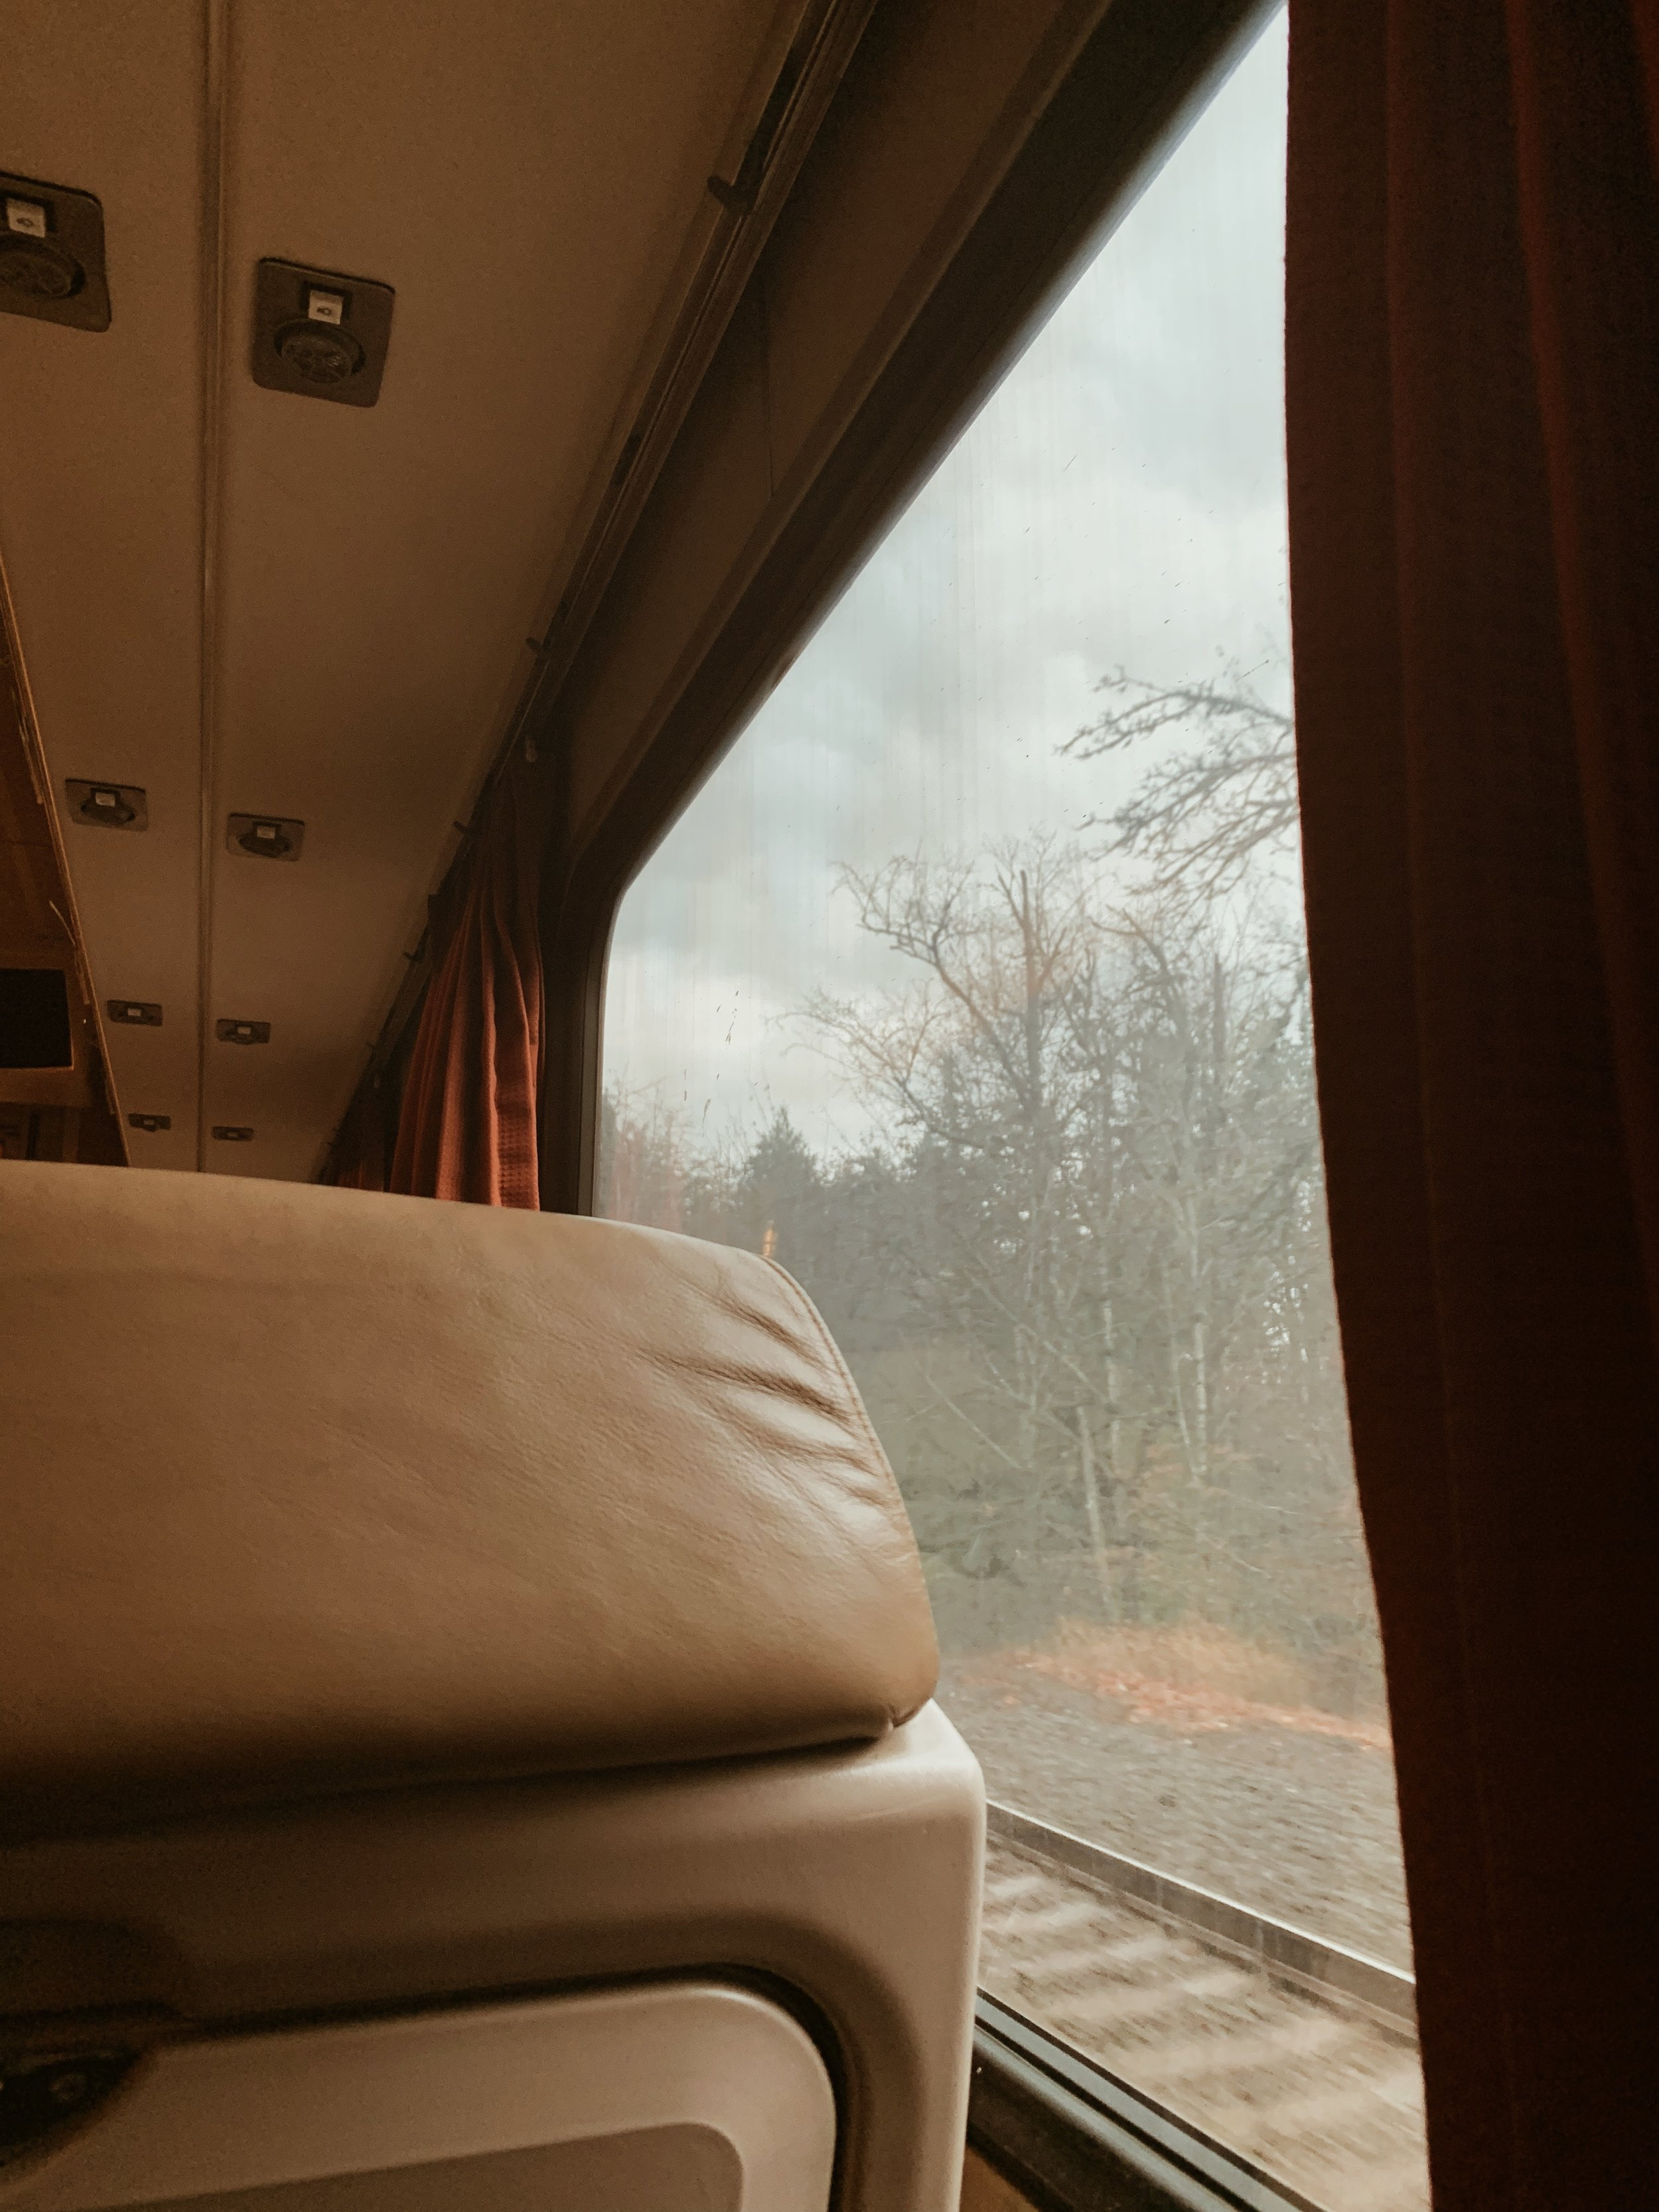 Train Views